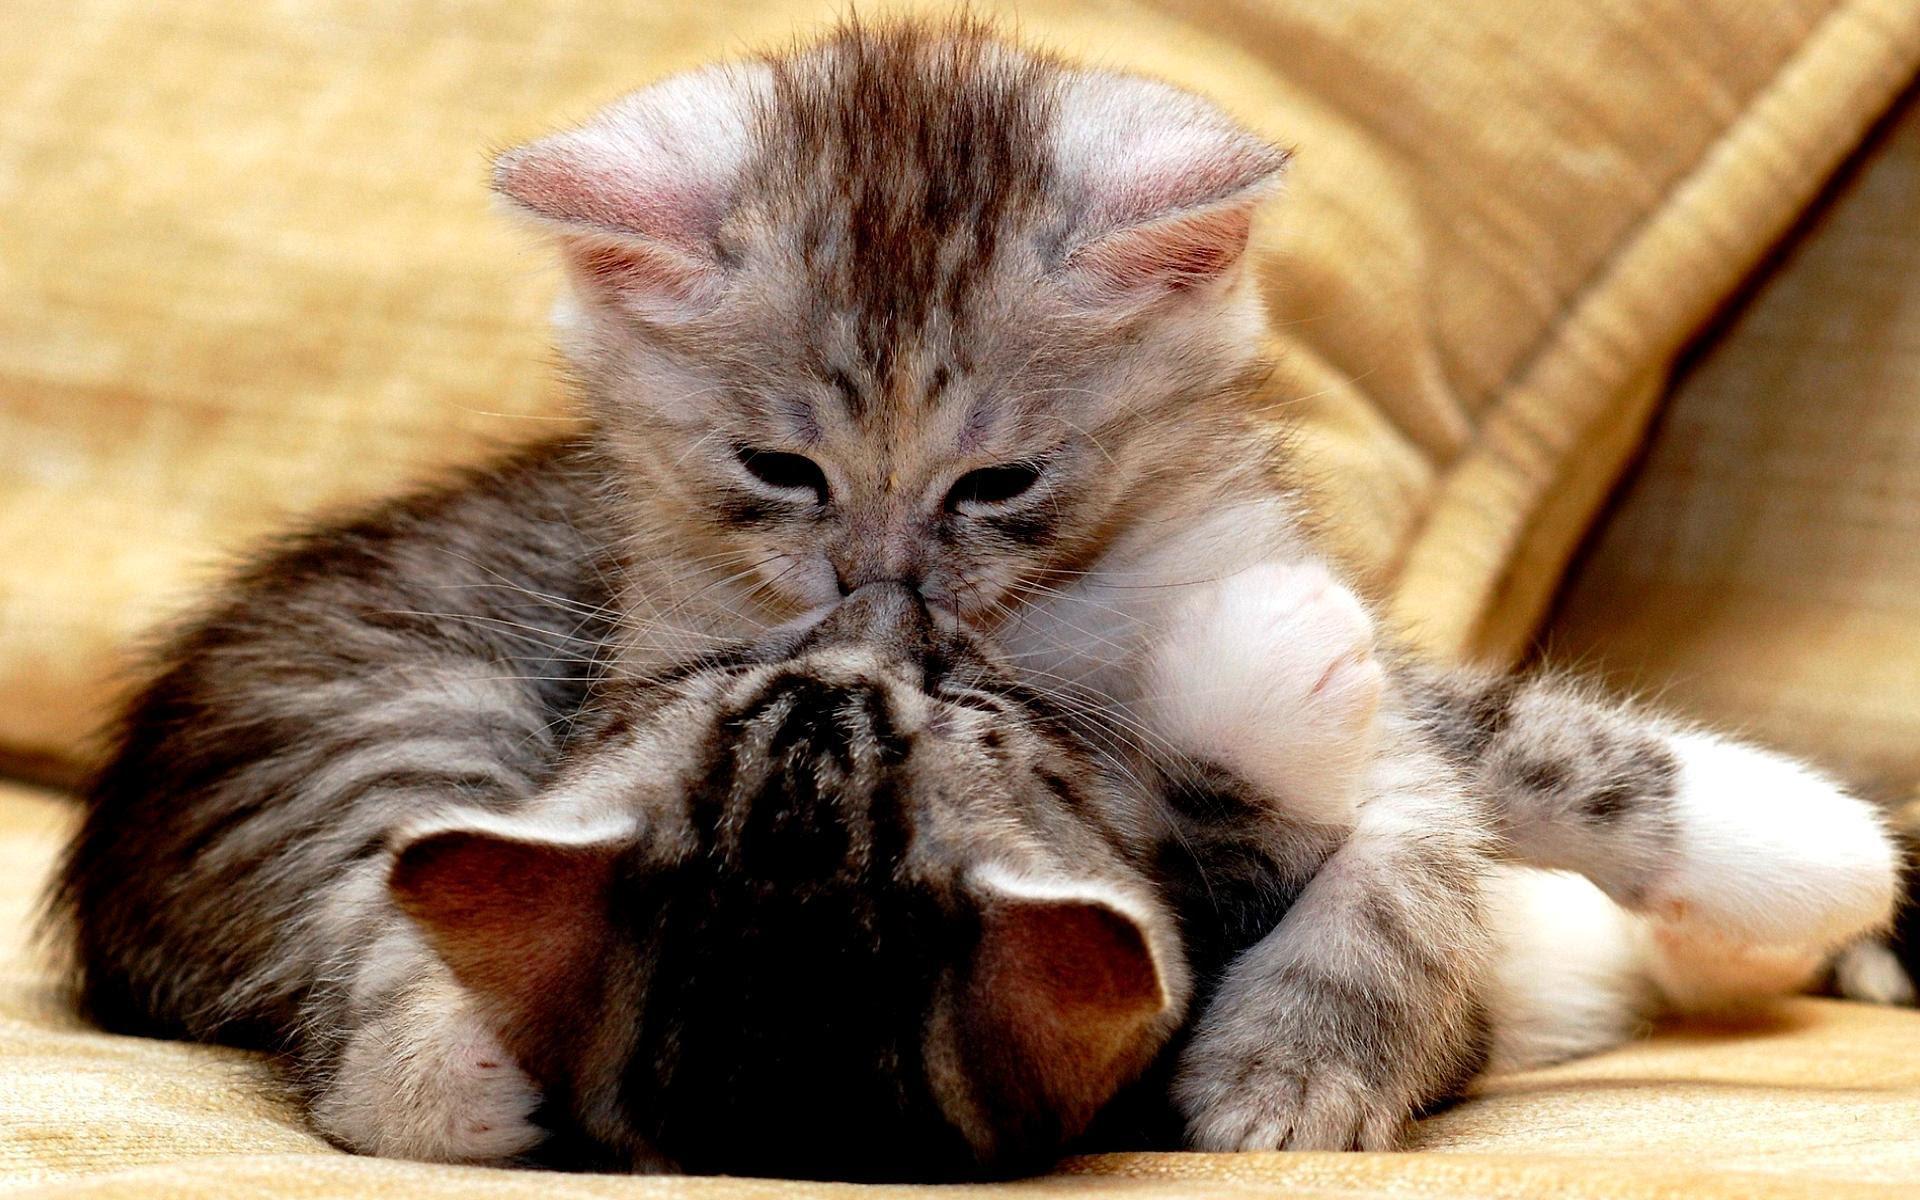 Unduh 95+ Gambar Lucu Cium Kucing Paling Bagus Gratis